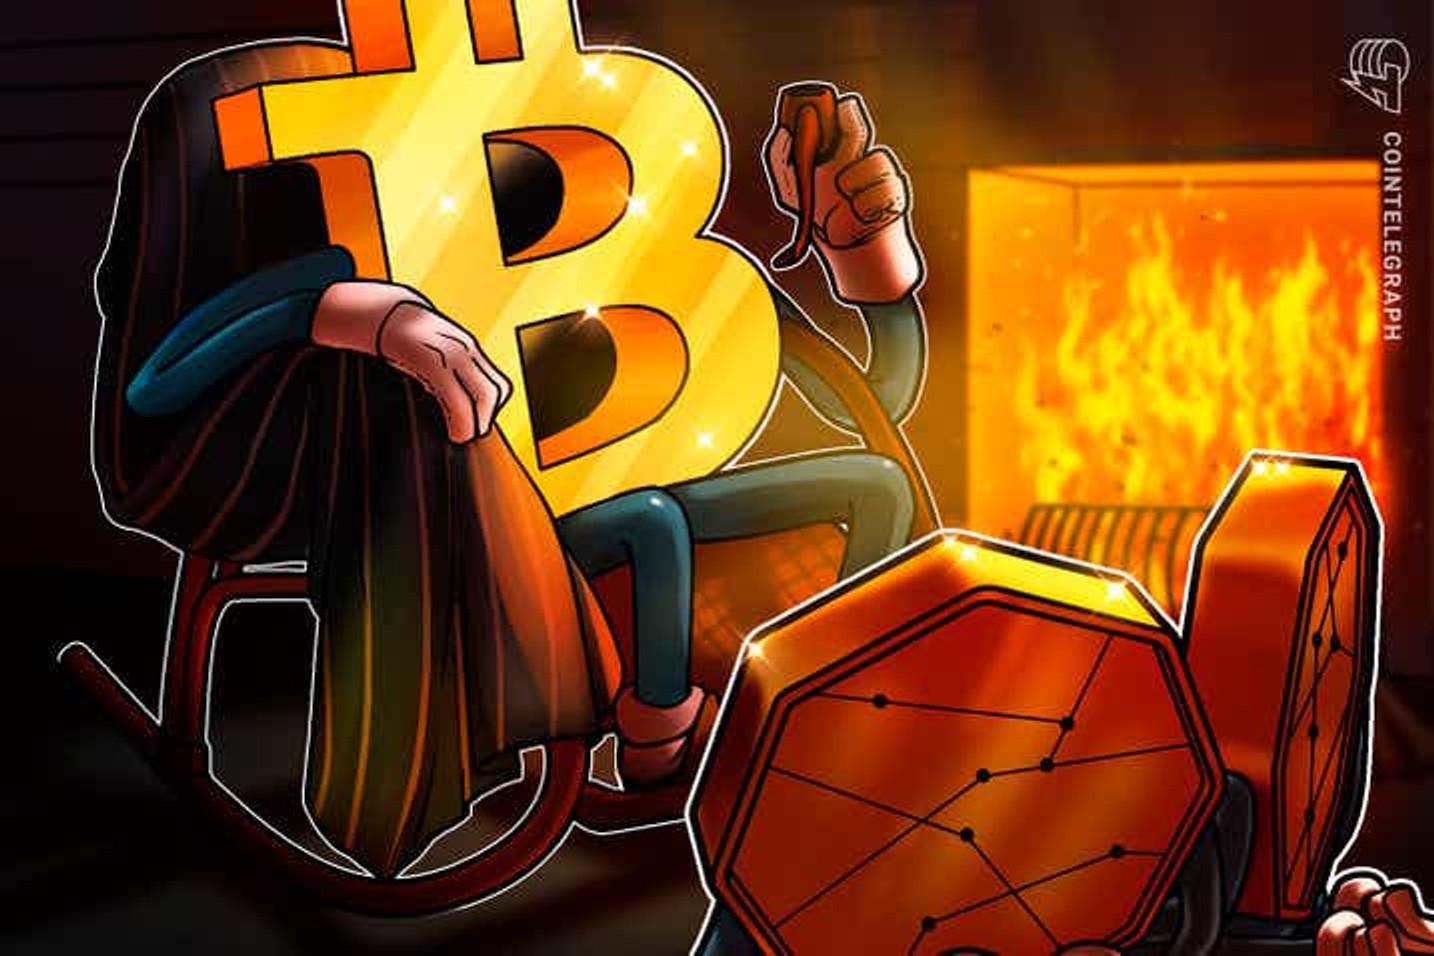 Especialista dá 7 dicas para quem quer começar a investir em Bitcoin e criptomoedas